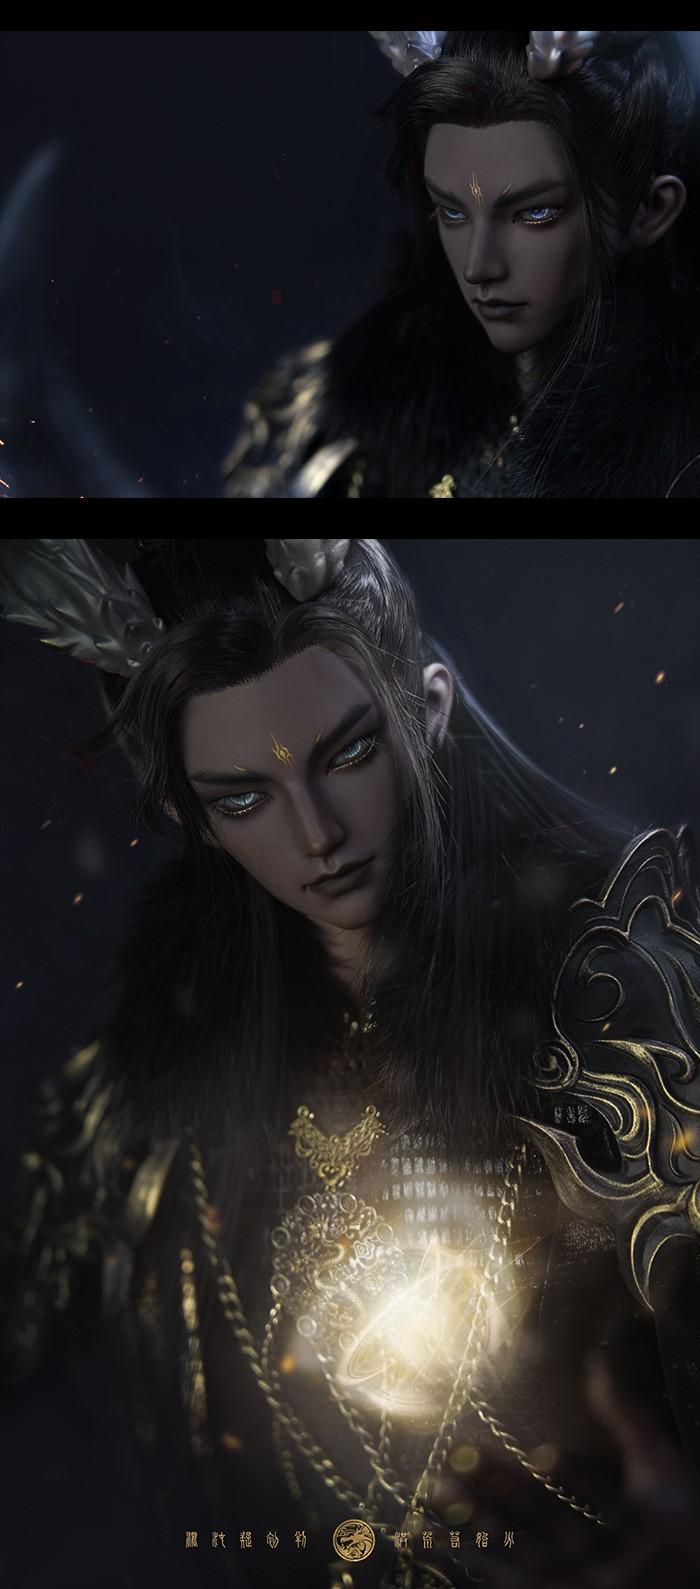 ls_emperorxuandragon_12.jpg